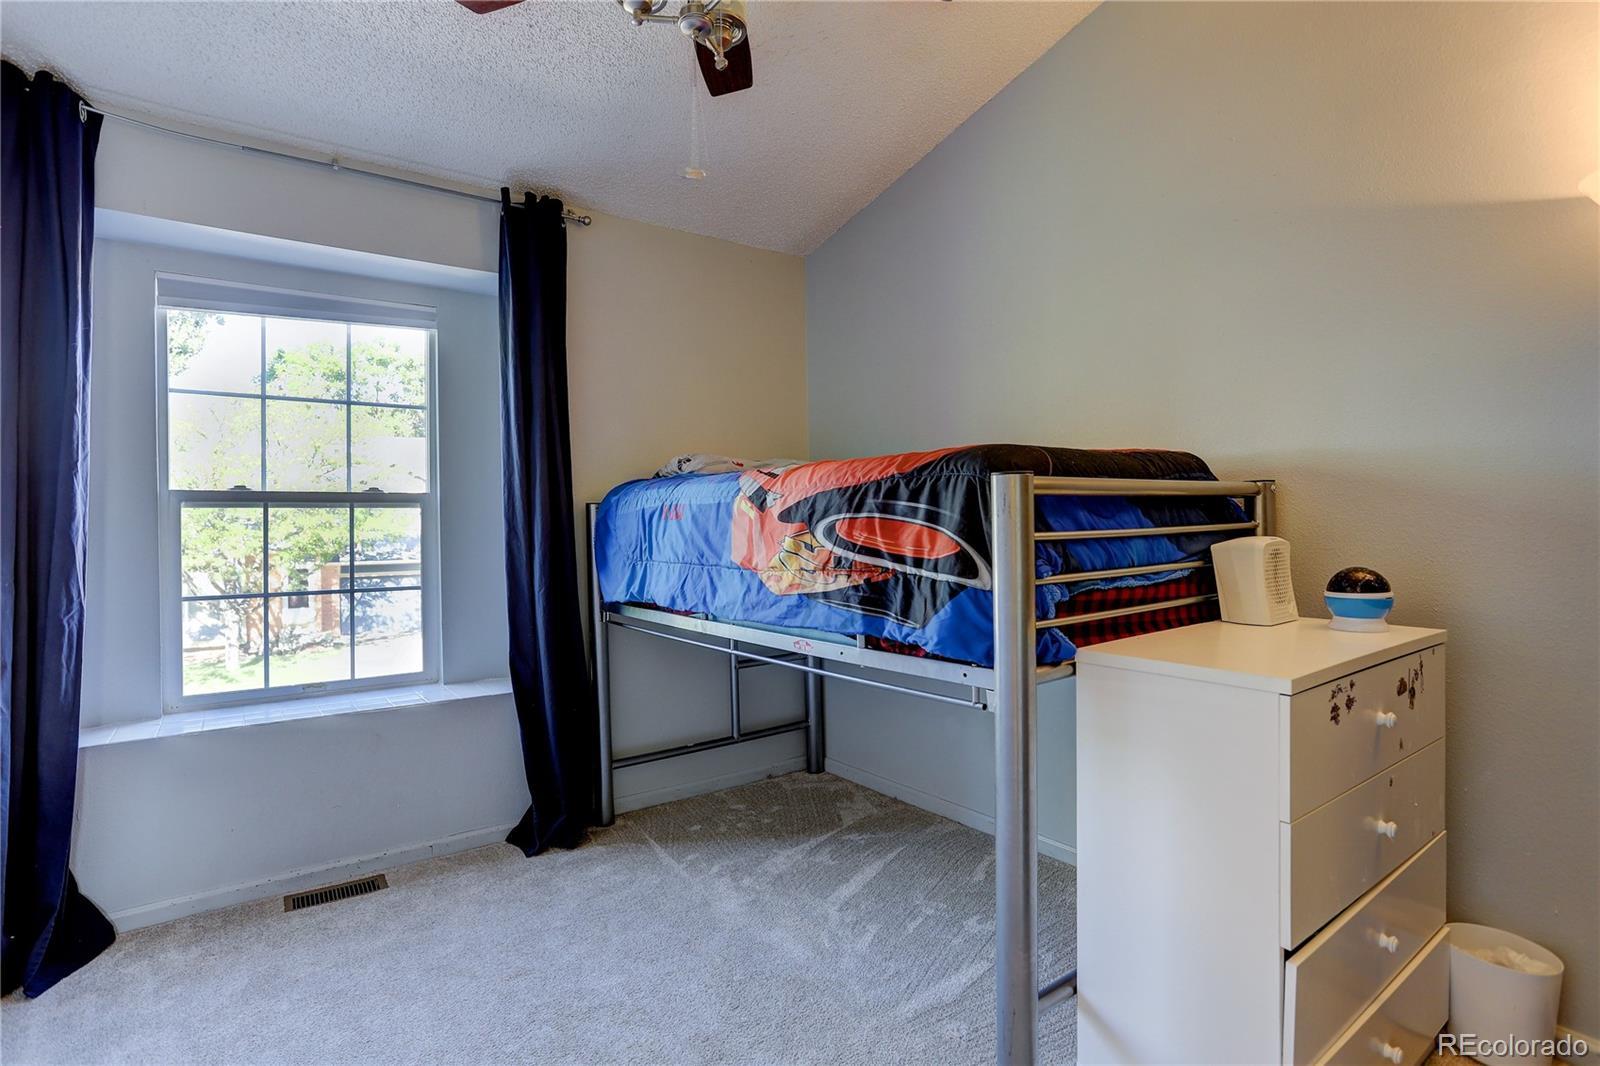 MLS# 2898373 - 17 - 152 S Pembrook Street, Castle Rock, CO 80104